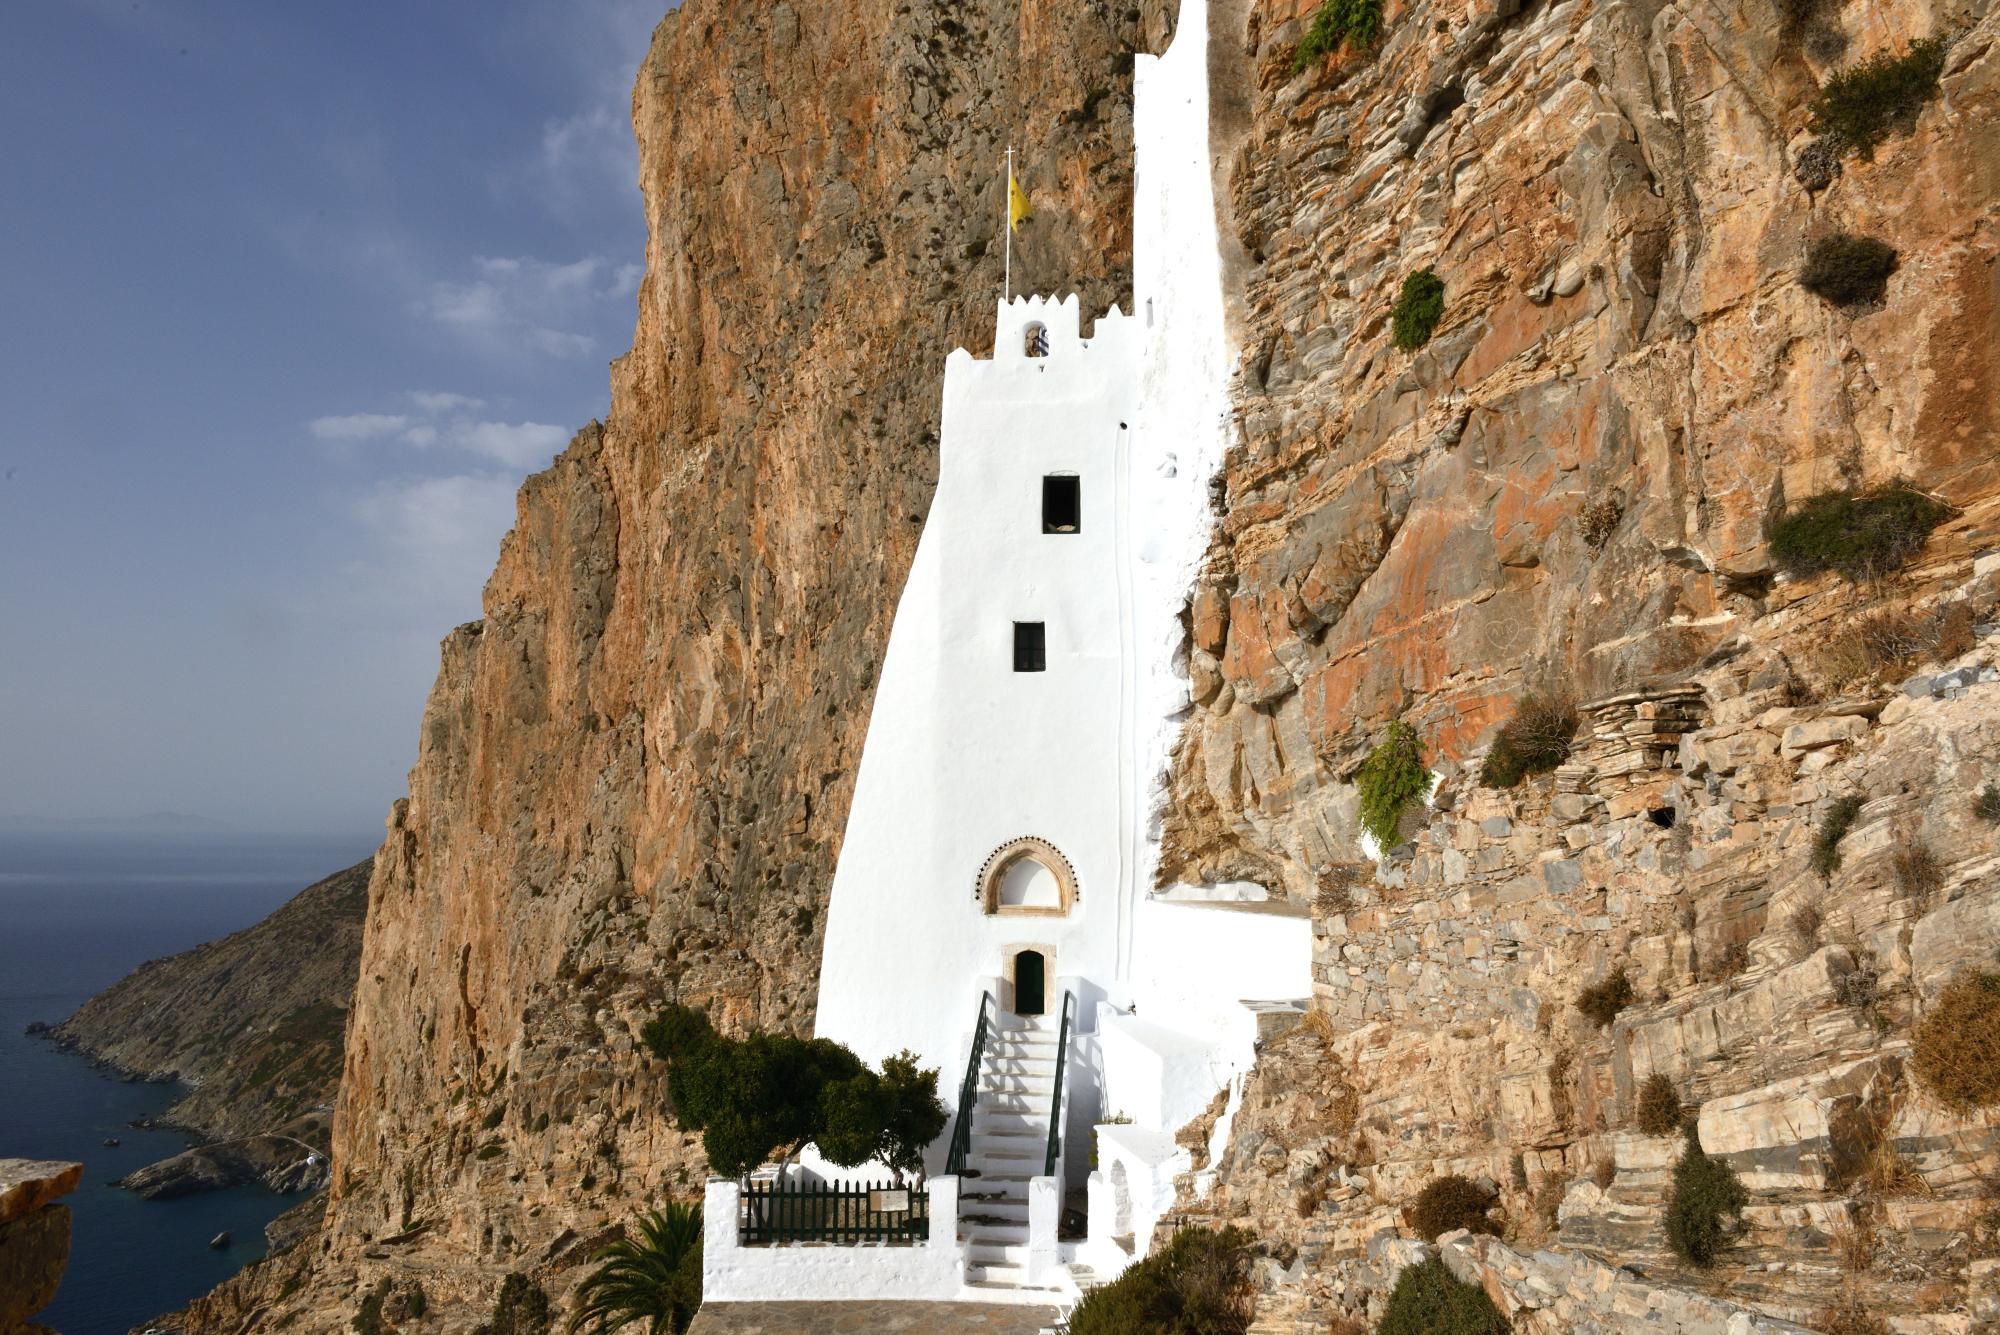 Monastery of Hozoviotissa, Amorgos island, Greece